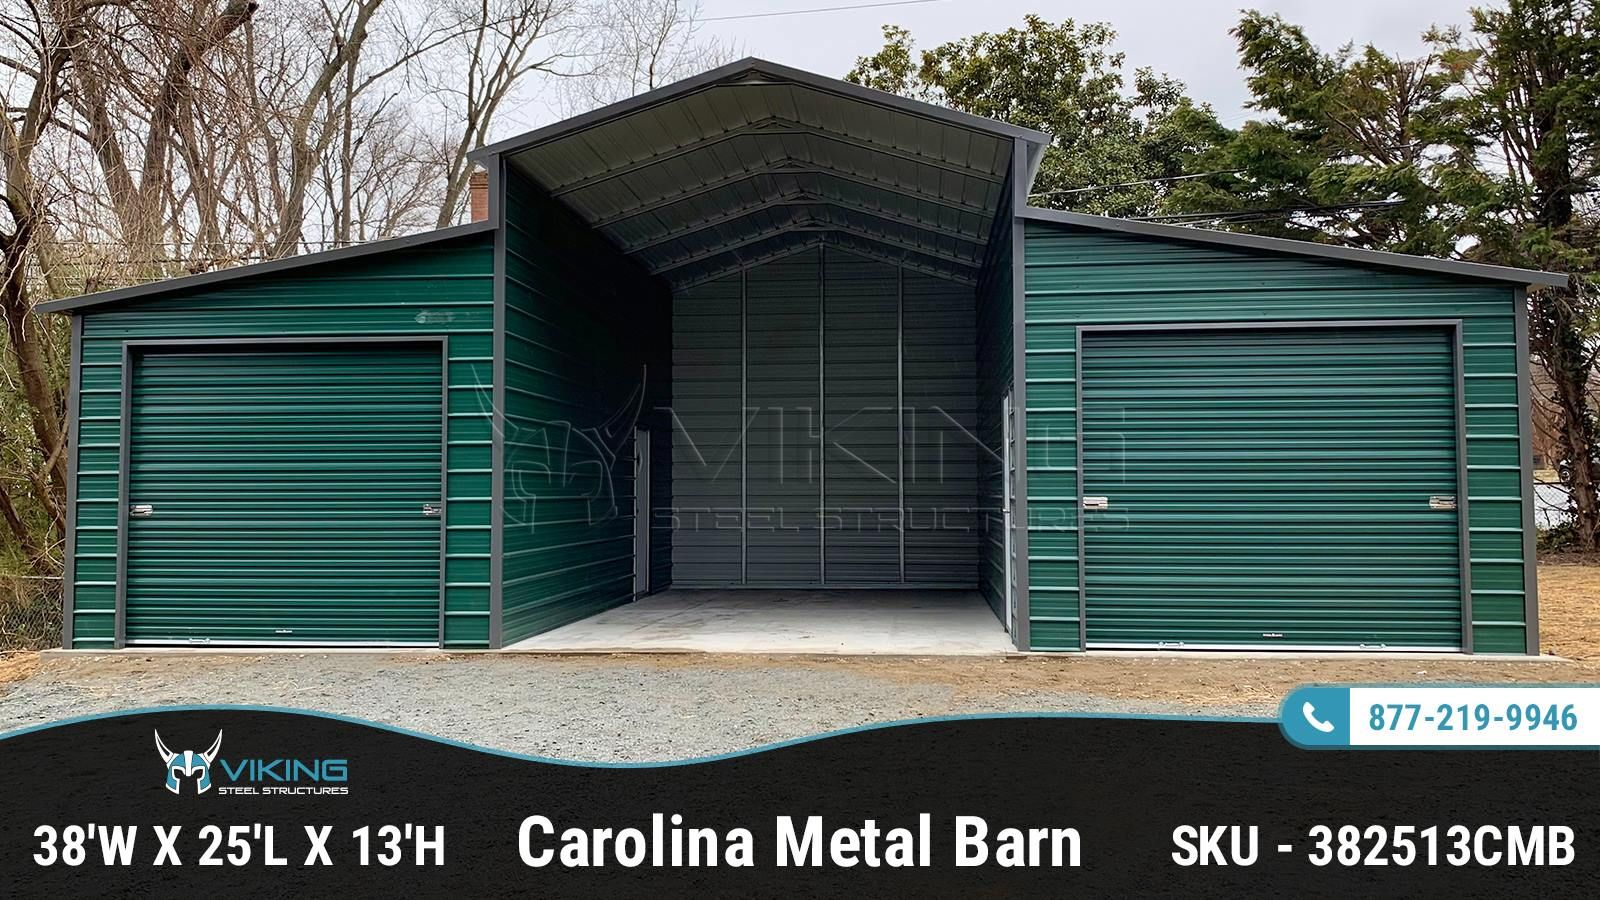 38 W X 25 L X 13 H Carolina Metal Barn Metal Barn Barn Metal